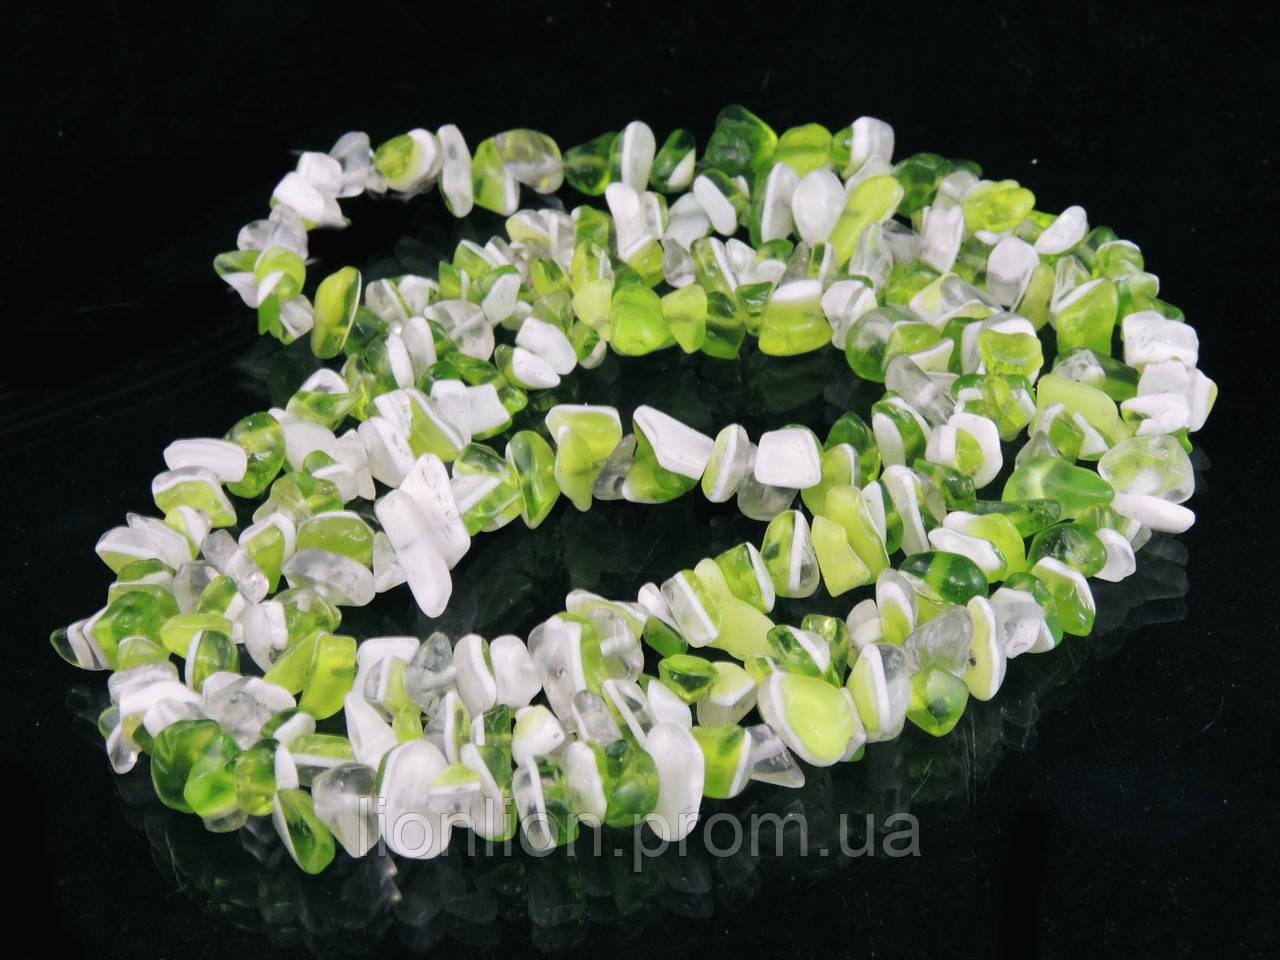 Крошка из агата 90см, бело-салатовая